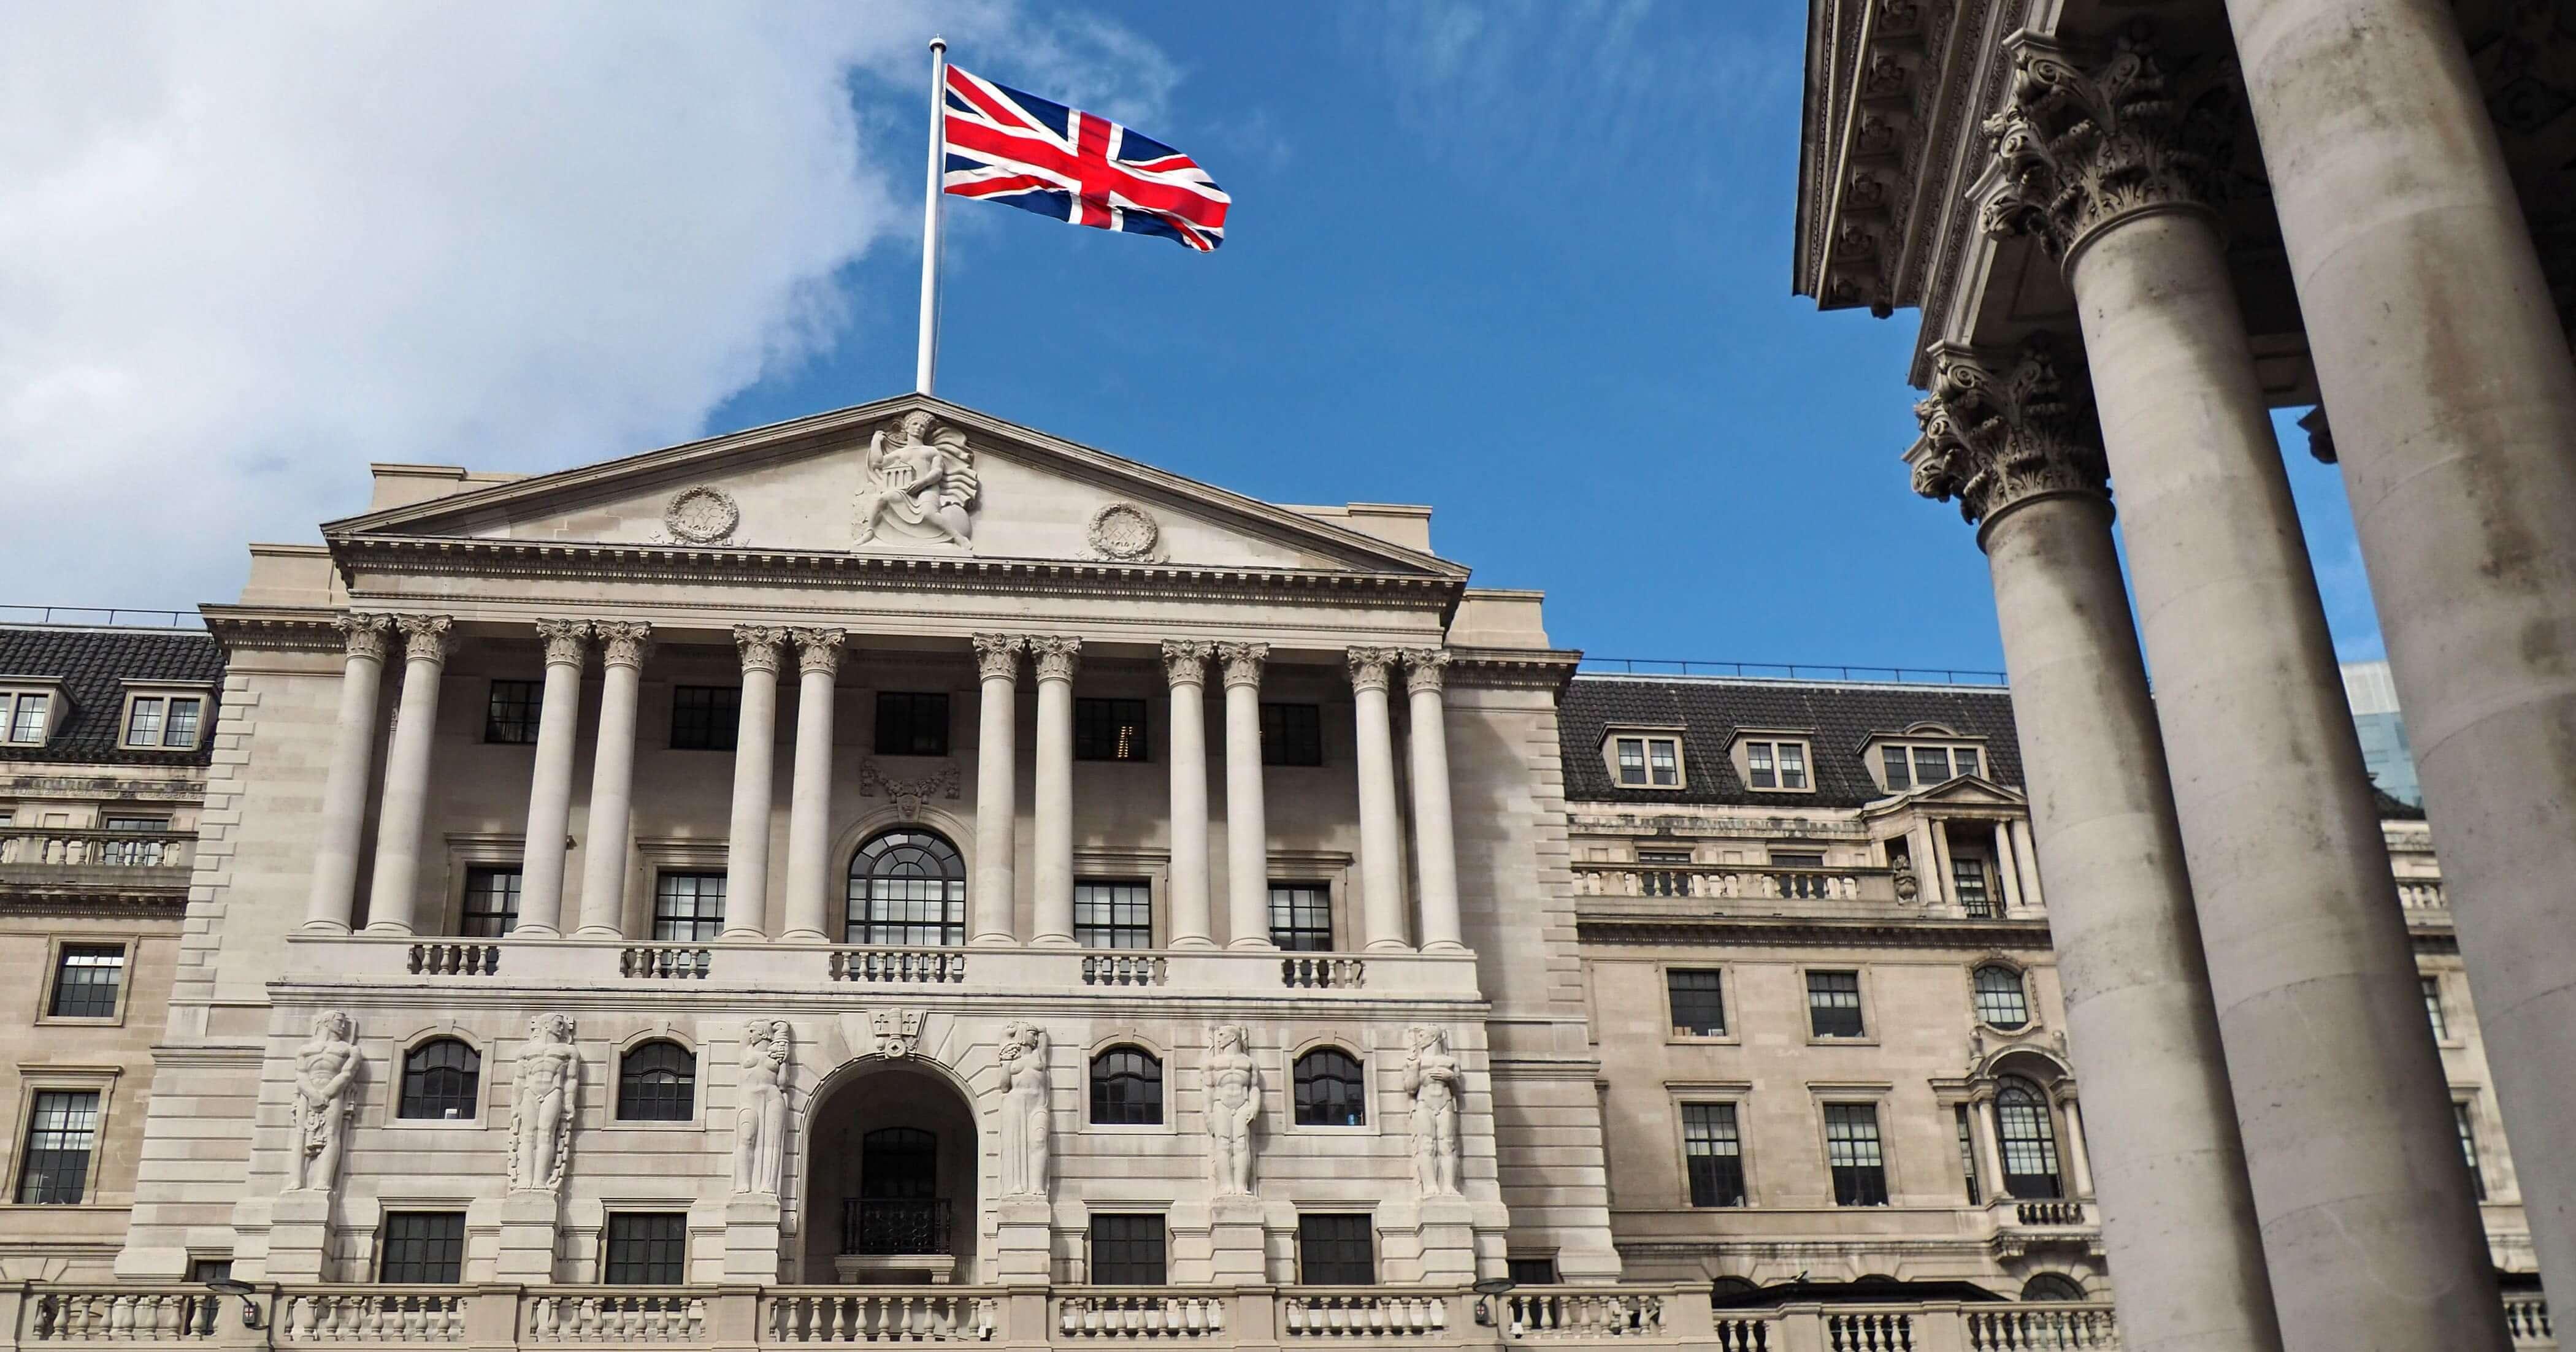 بنك إنجلترا المركزى يؤكد عدم عودة الاقتصاد لحجمه قبل الجائحة إلا فى 2022